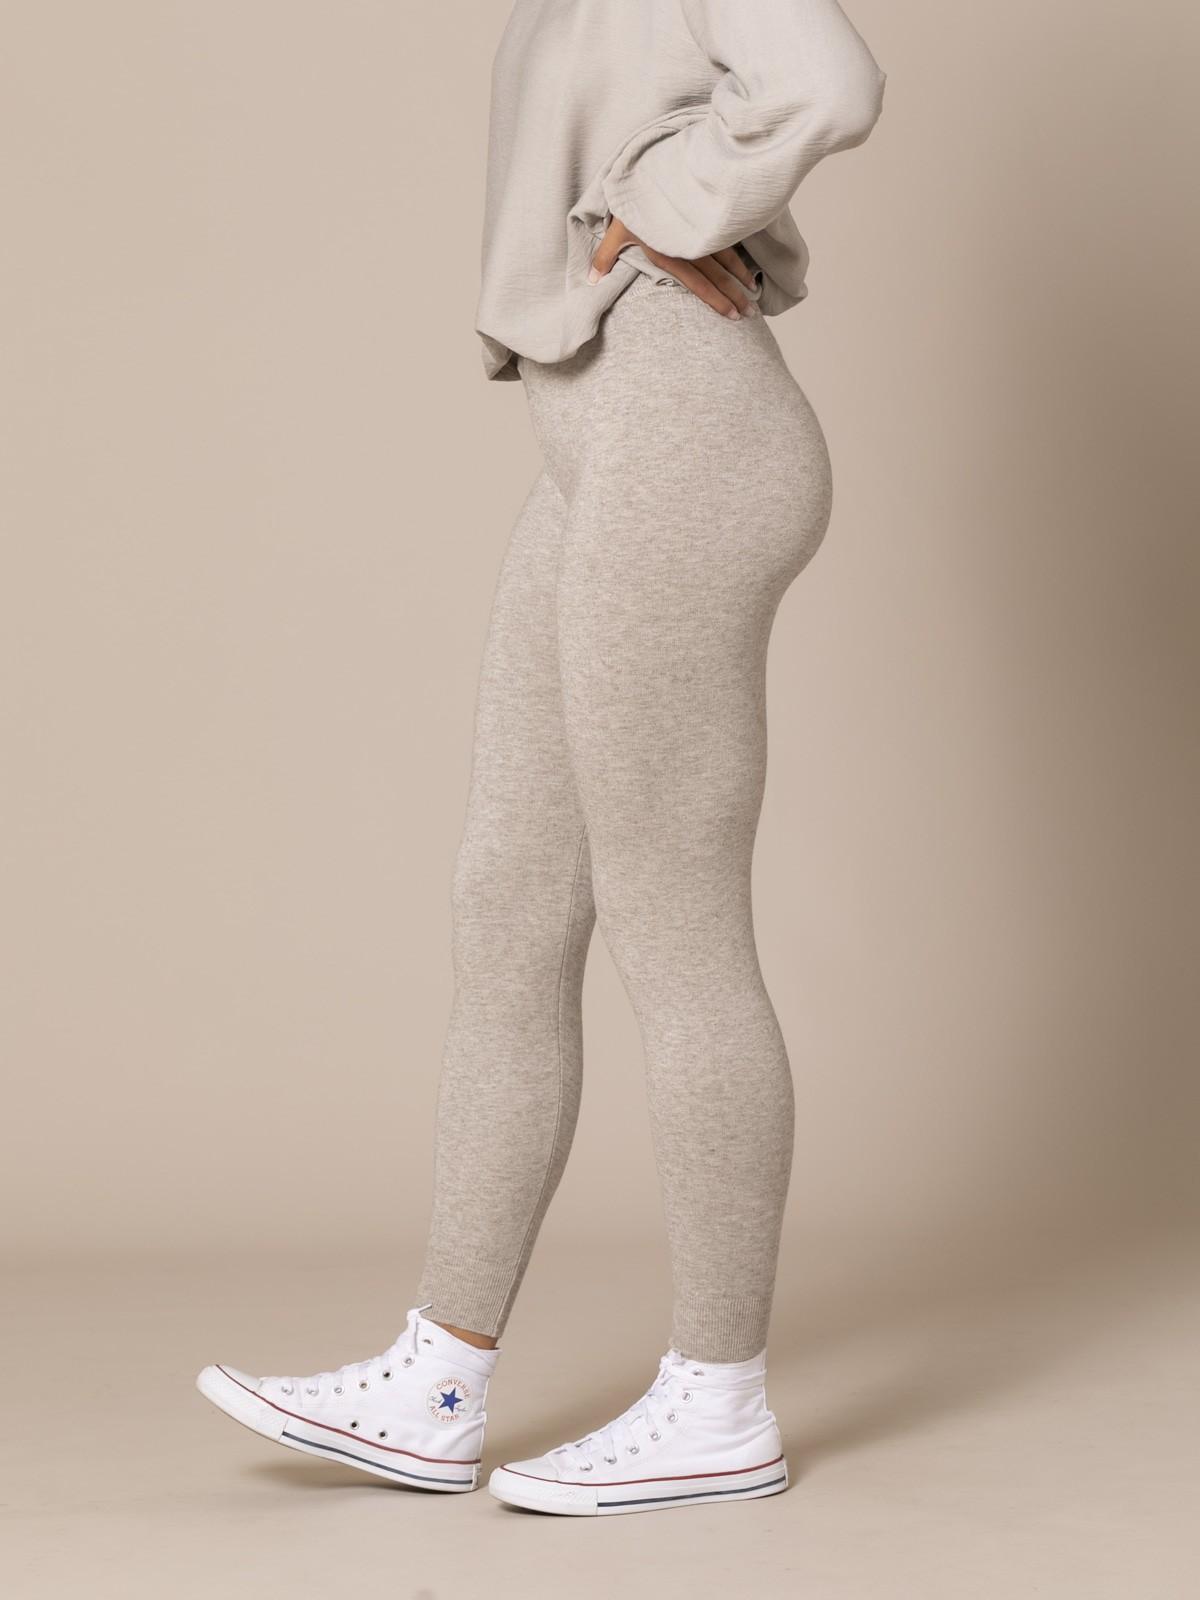 Pantalón mujer de punto bajo elástico Beige